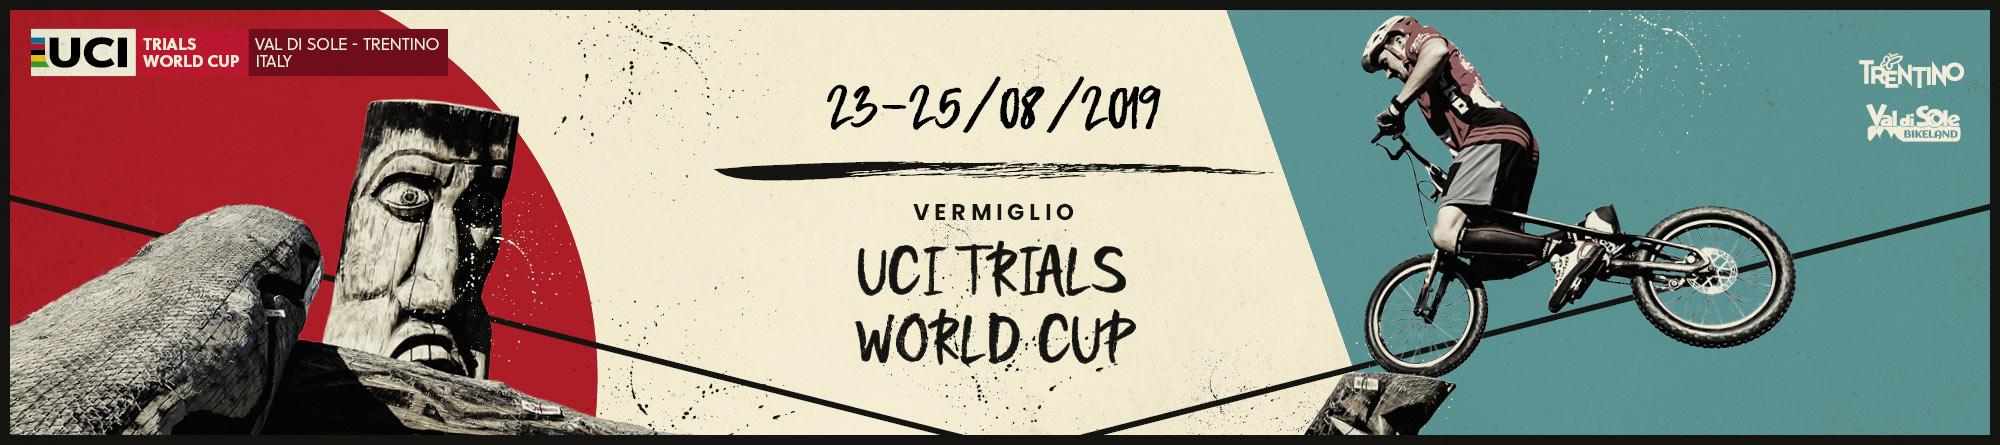 Coppa del Mondo Trial 2019